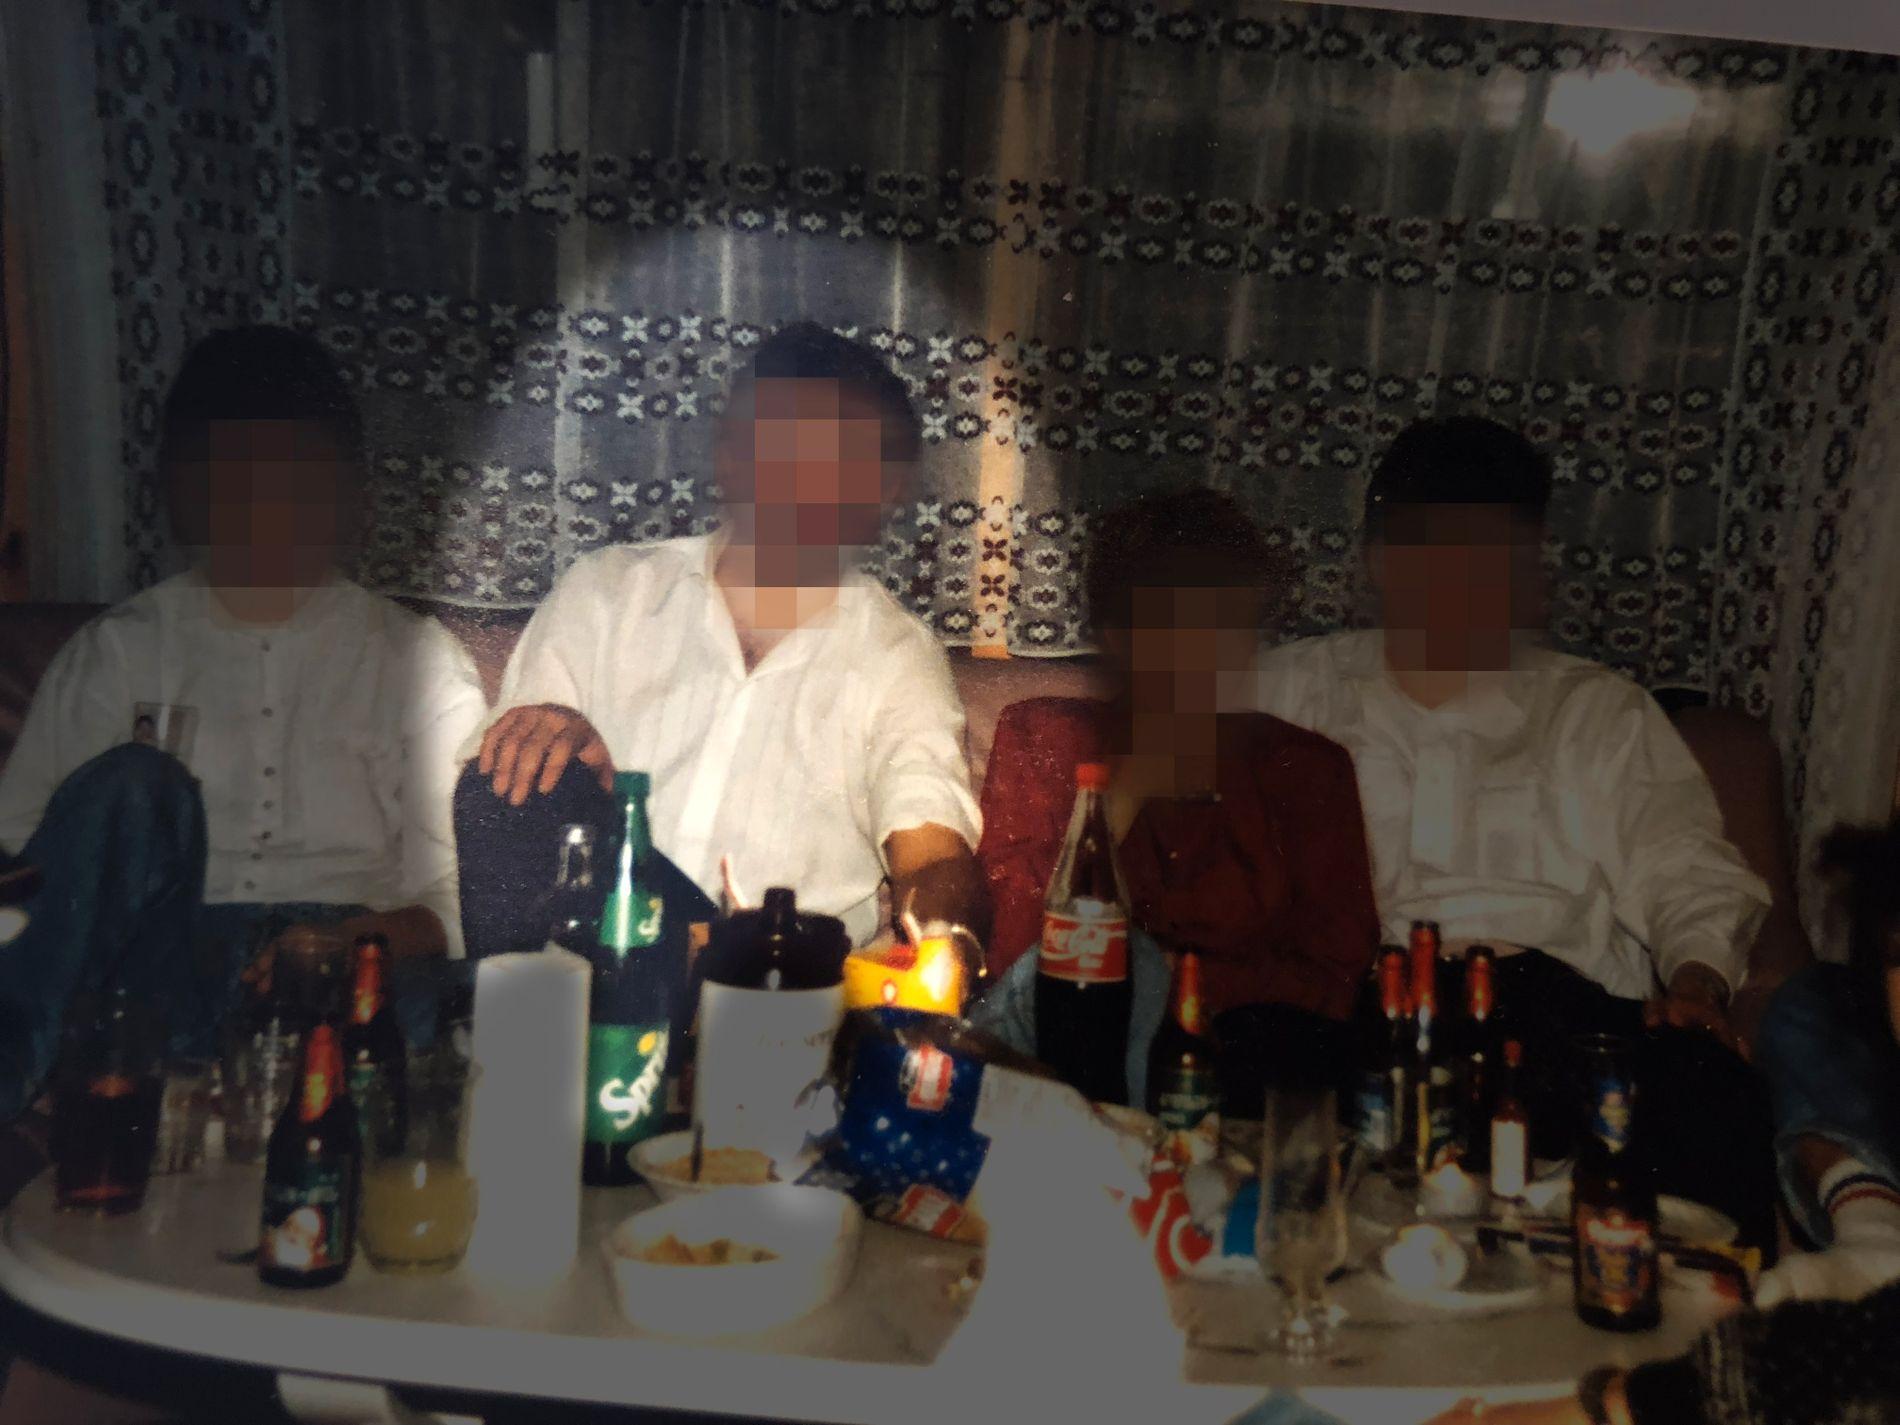 FESTER OG PORNO: Flere personer fra Tjeldsund som VG har snakket med, forteller at mannen arrangerte fester hvor det var barn til stede. Han skal også ha vist barn pornofilmer.